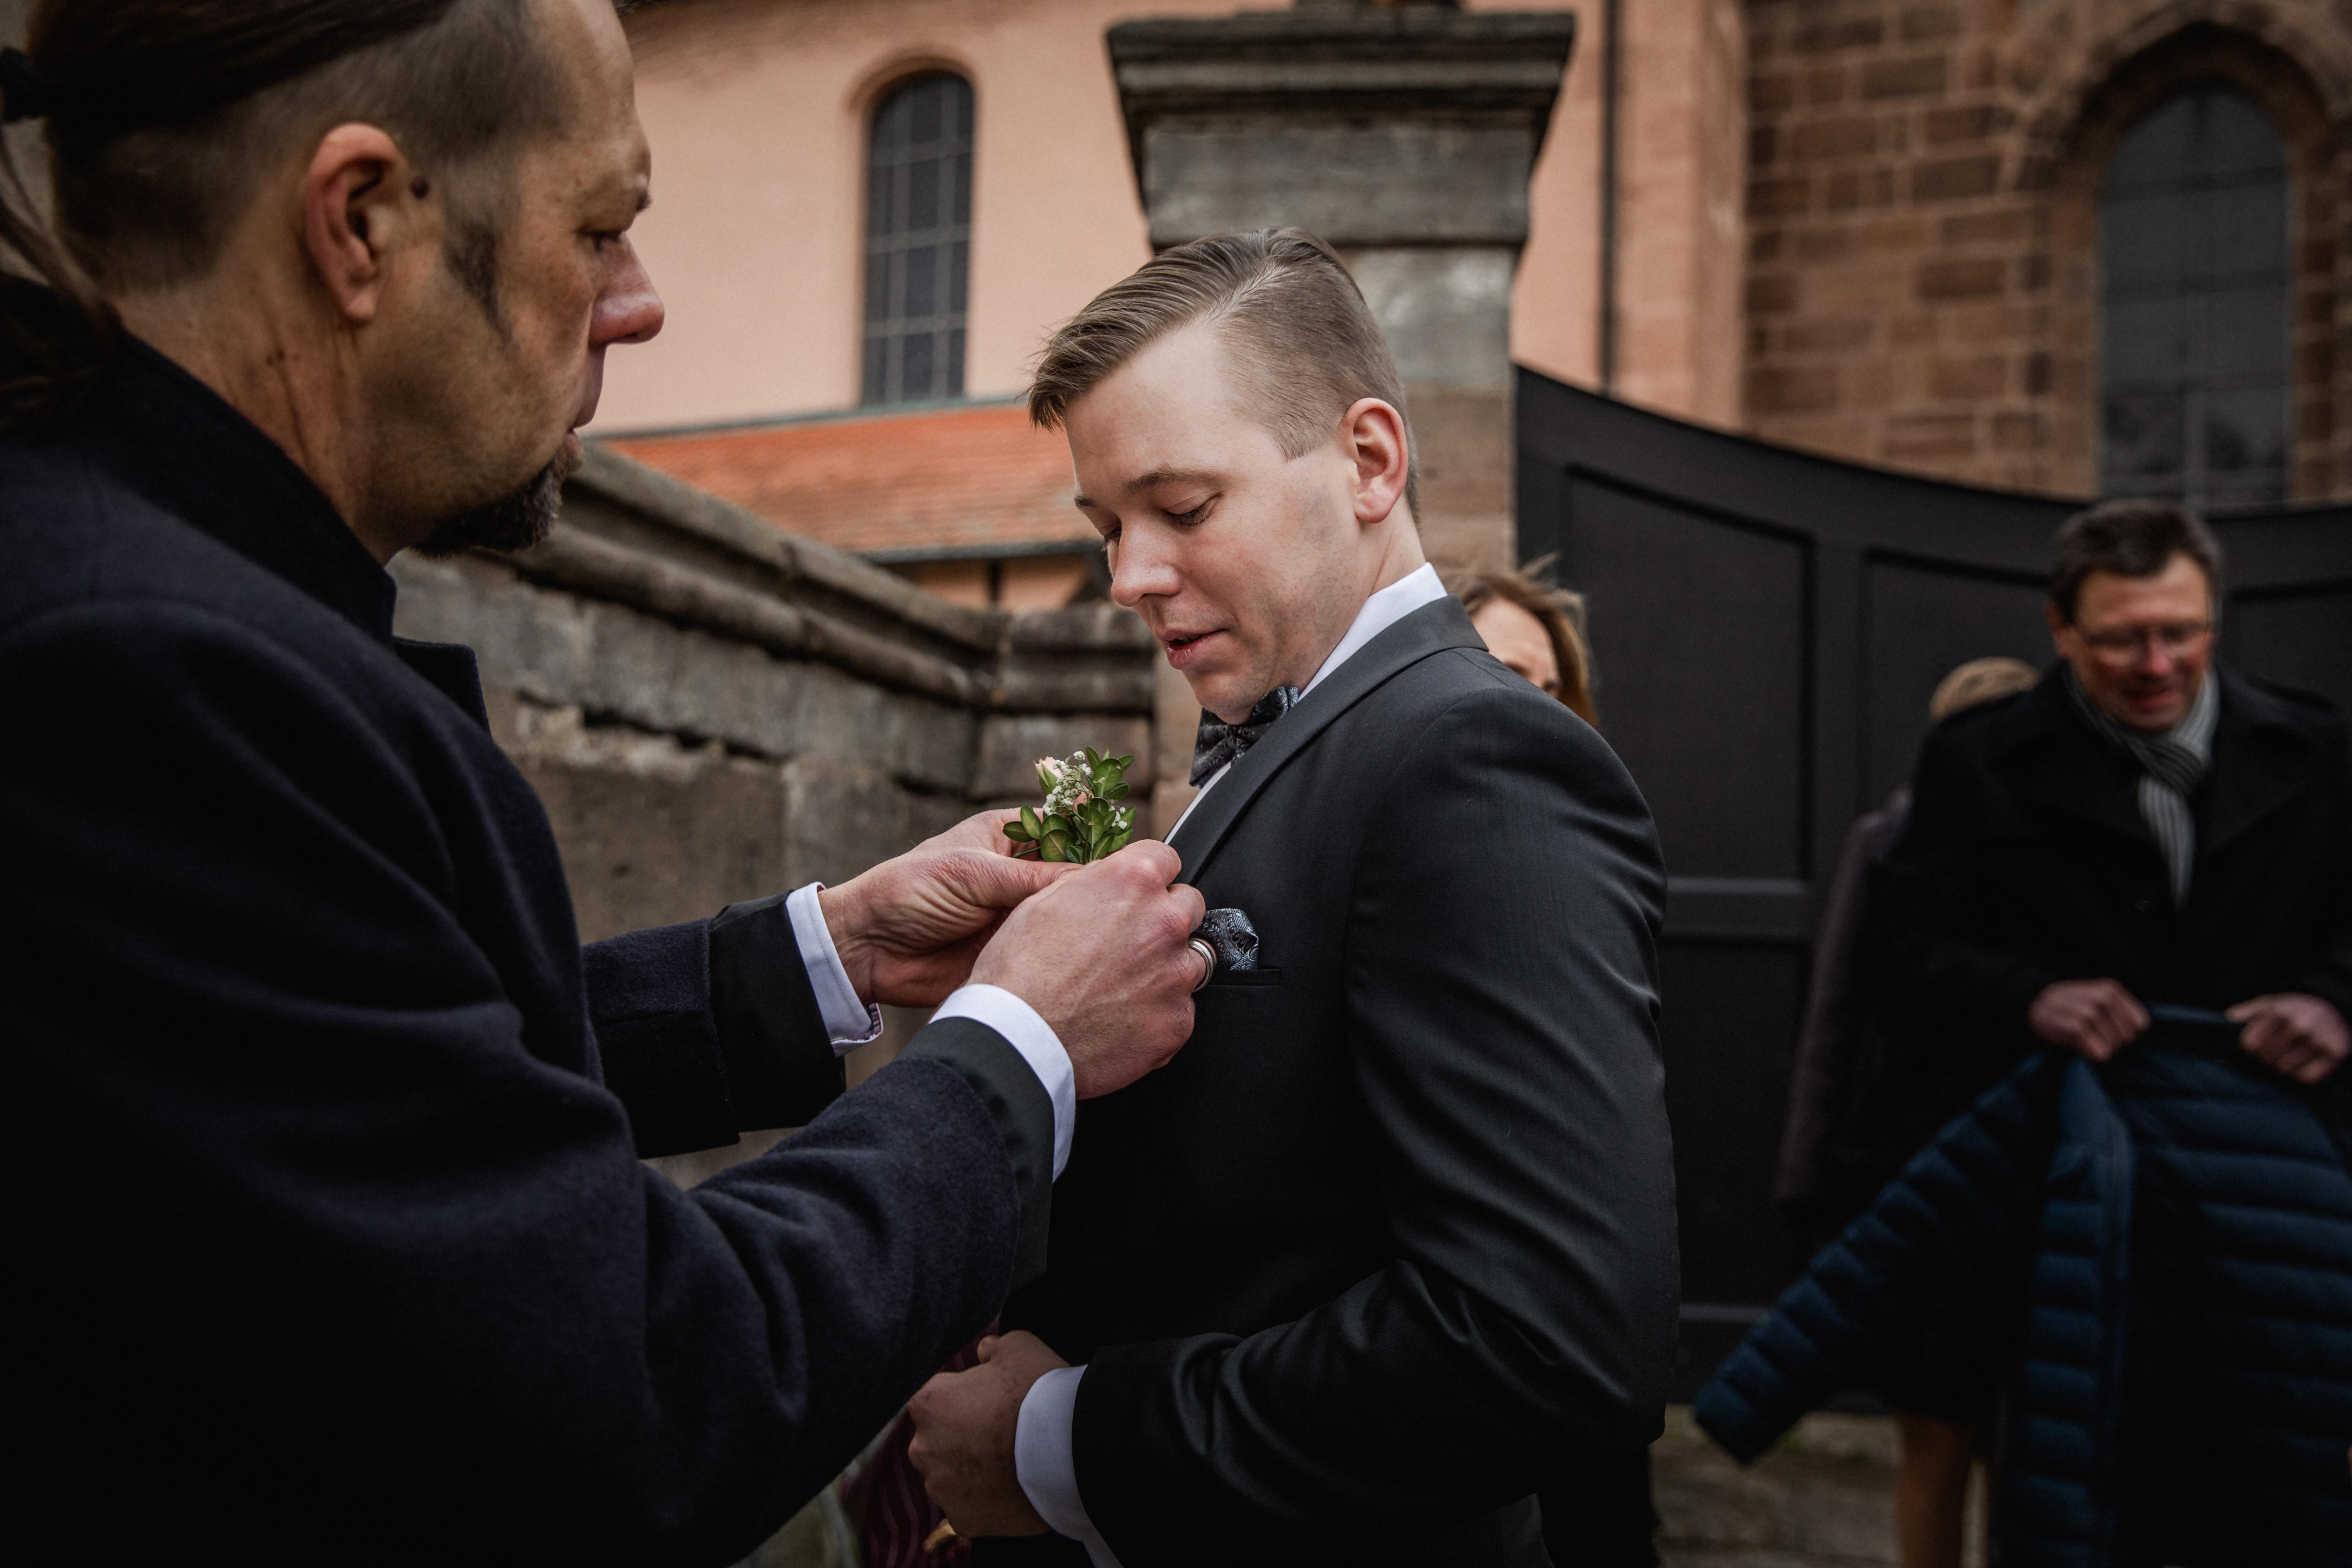 Hochzeitsfotograf-Grossgruendlach-Standesamt-Hallerschloss-Urbanerie-Stazija-und-Michael-006